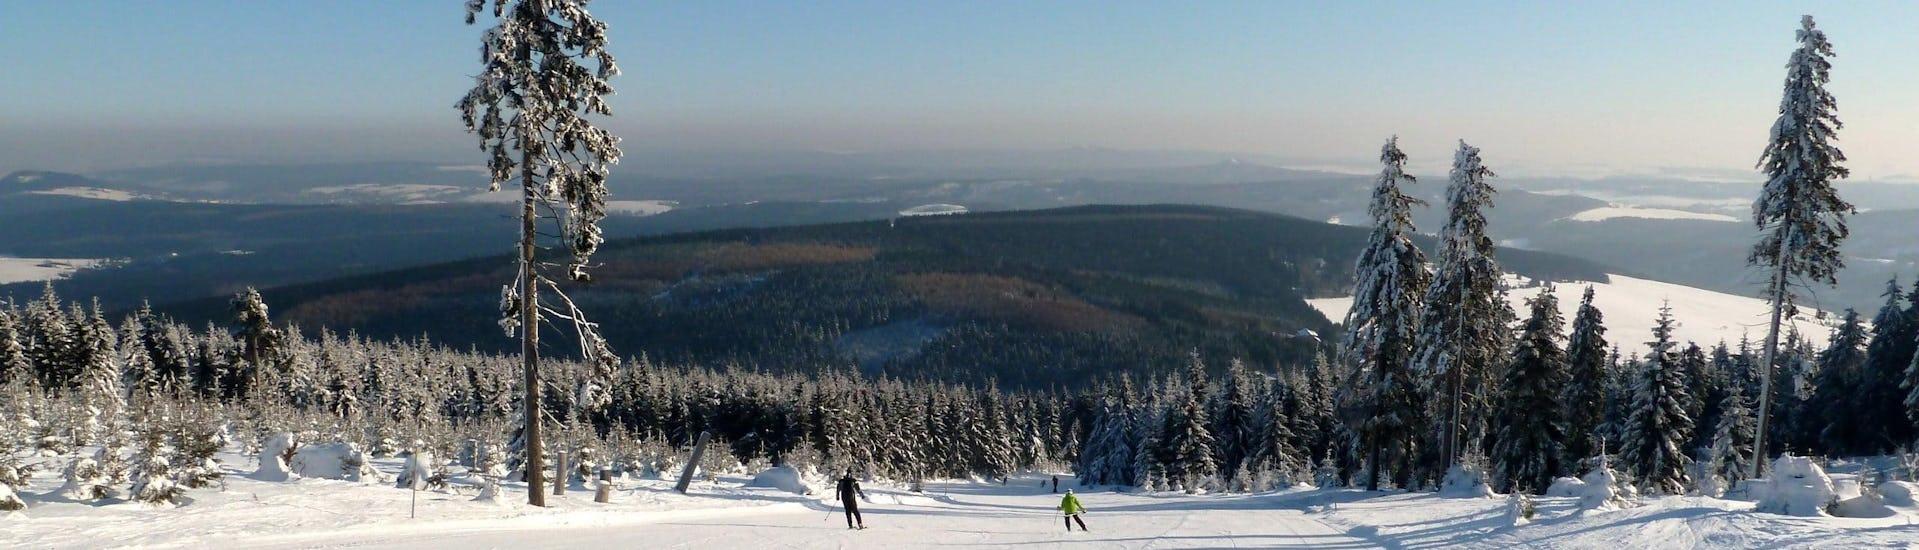 Vista del paesaggio montano soleggiato durante un corso di sci con scuole di sci a Fichtelberg–Oberwiesenthal.